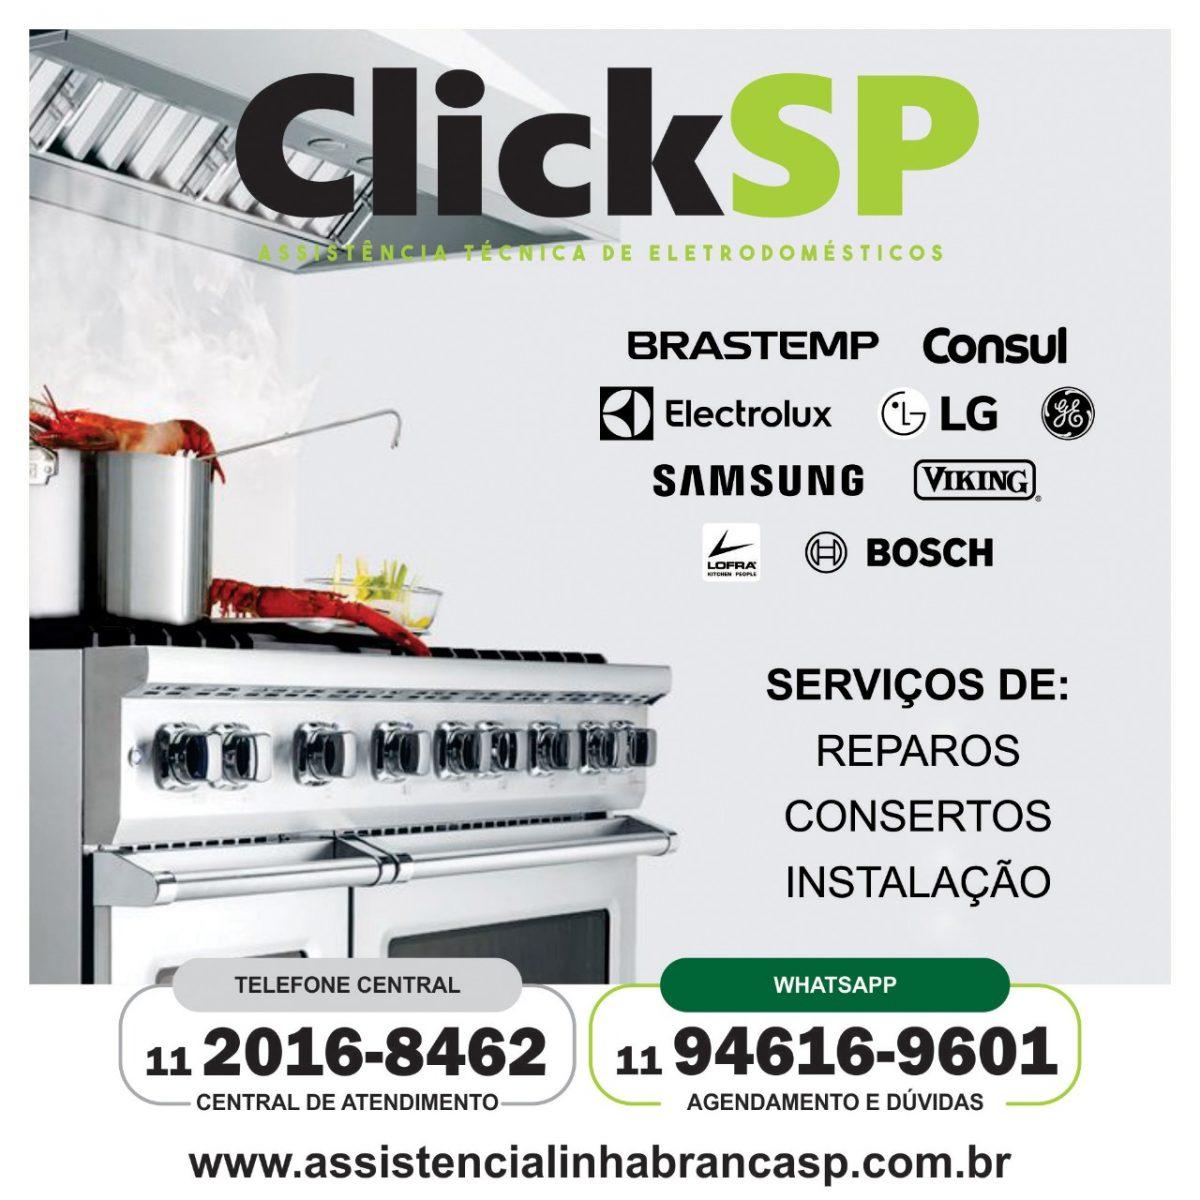 assistencialinhabrancasp.com.br